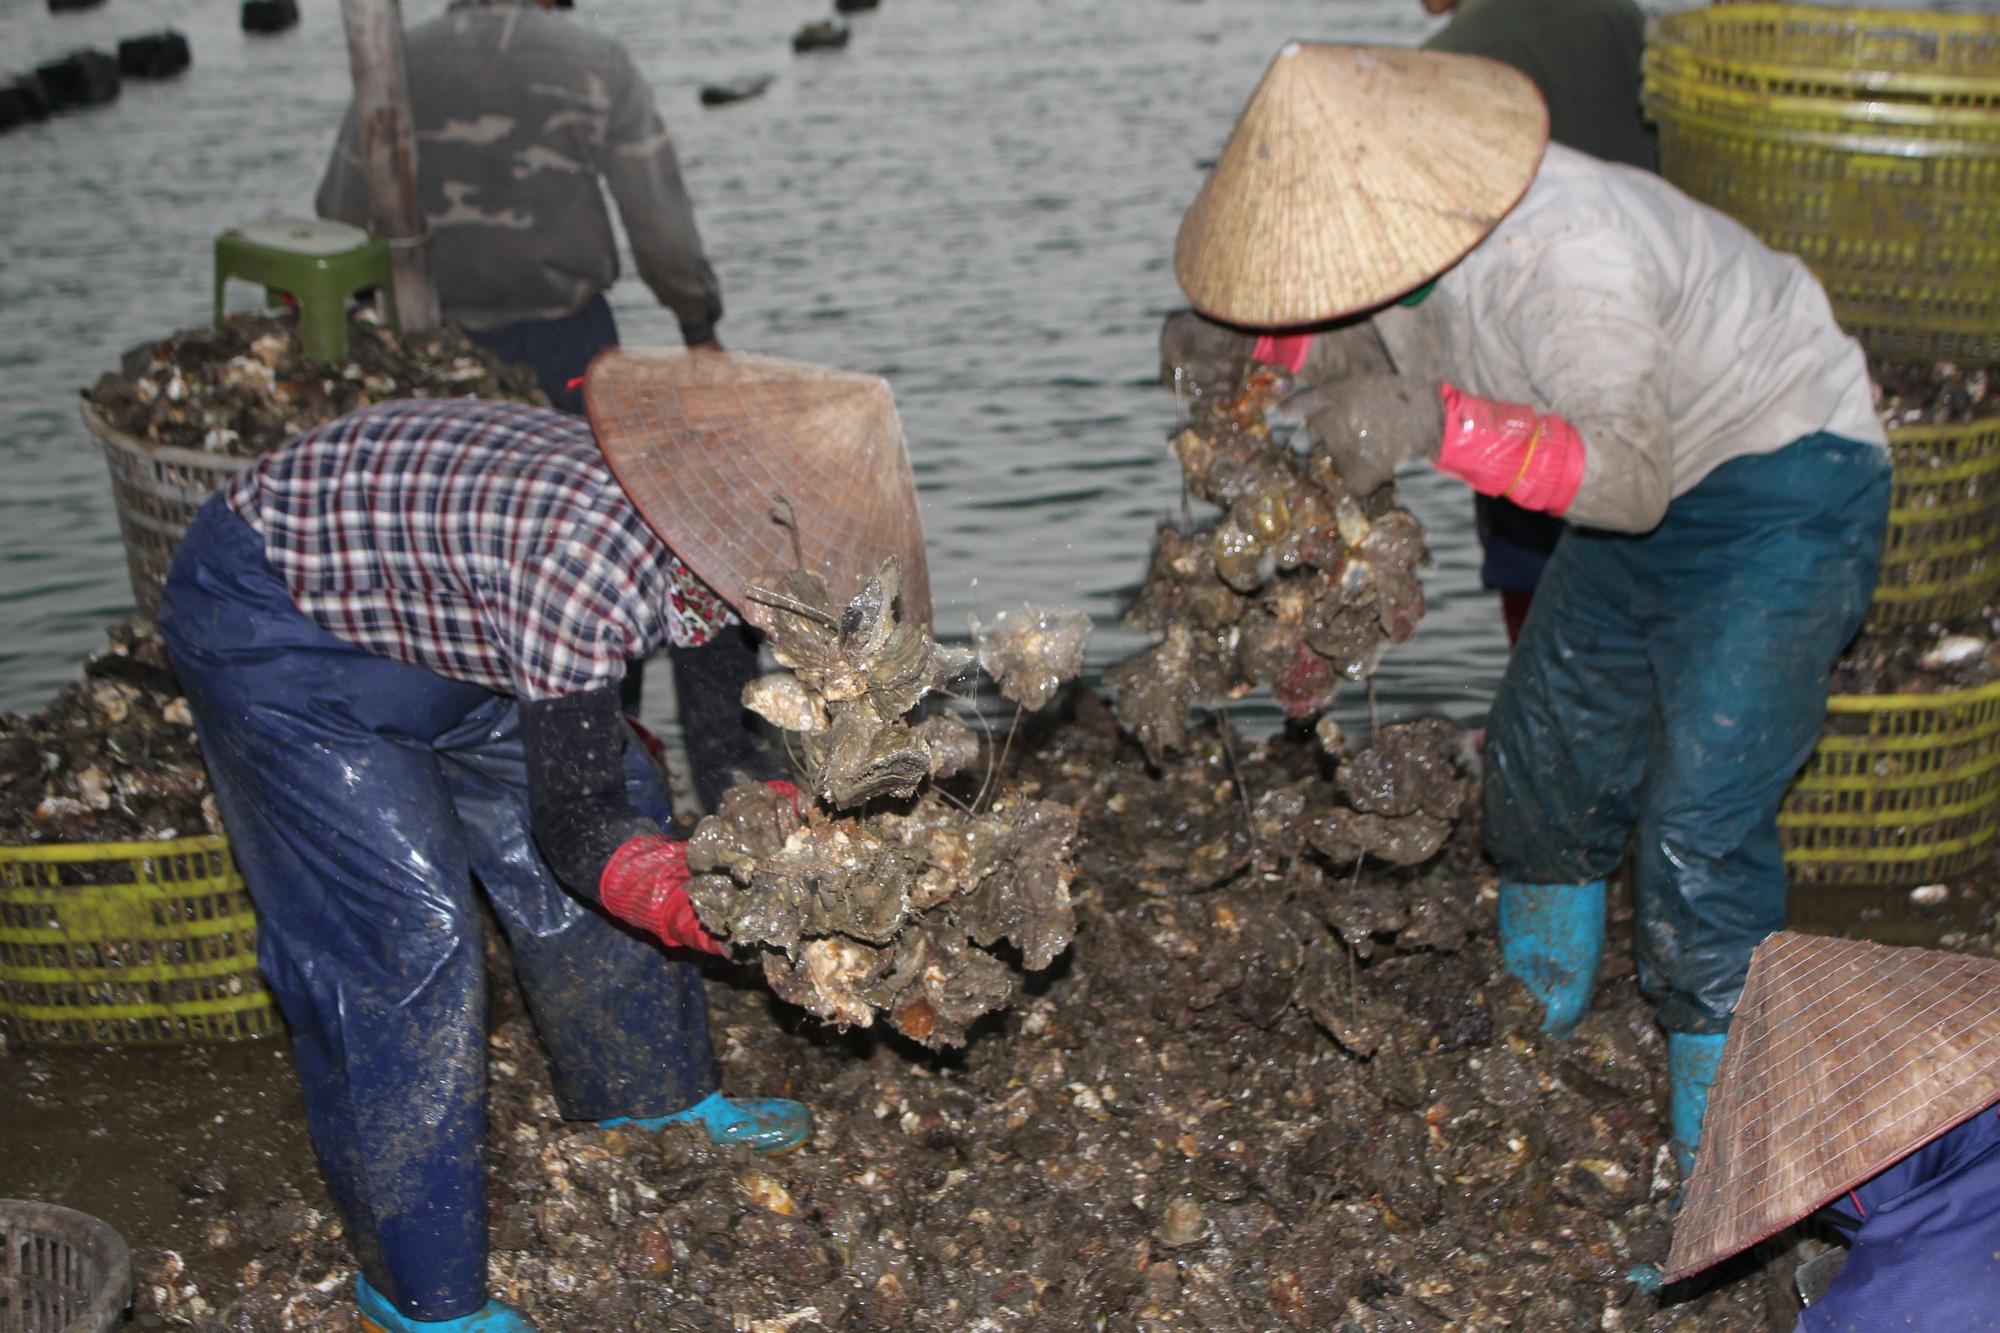 Quảng Ninh: Hàu sữa rớt giá vì dịch COVID-19, ngư dân trắng đêm thu hoạch - Ảnh 3.